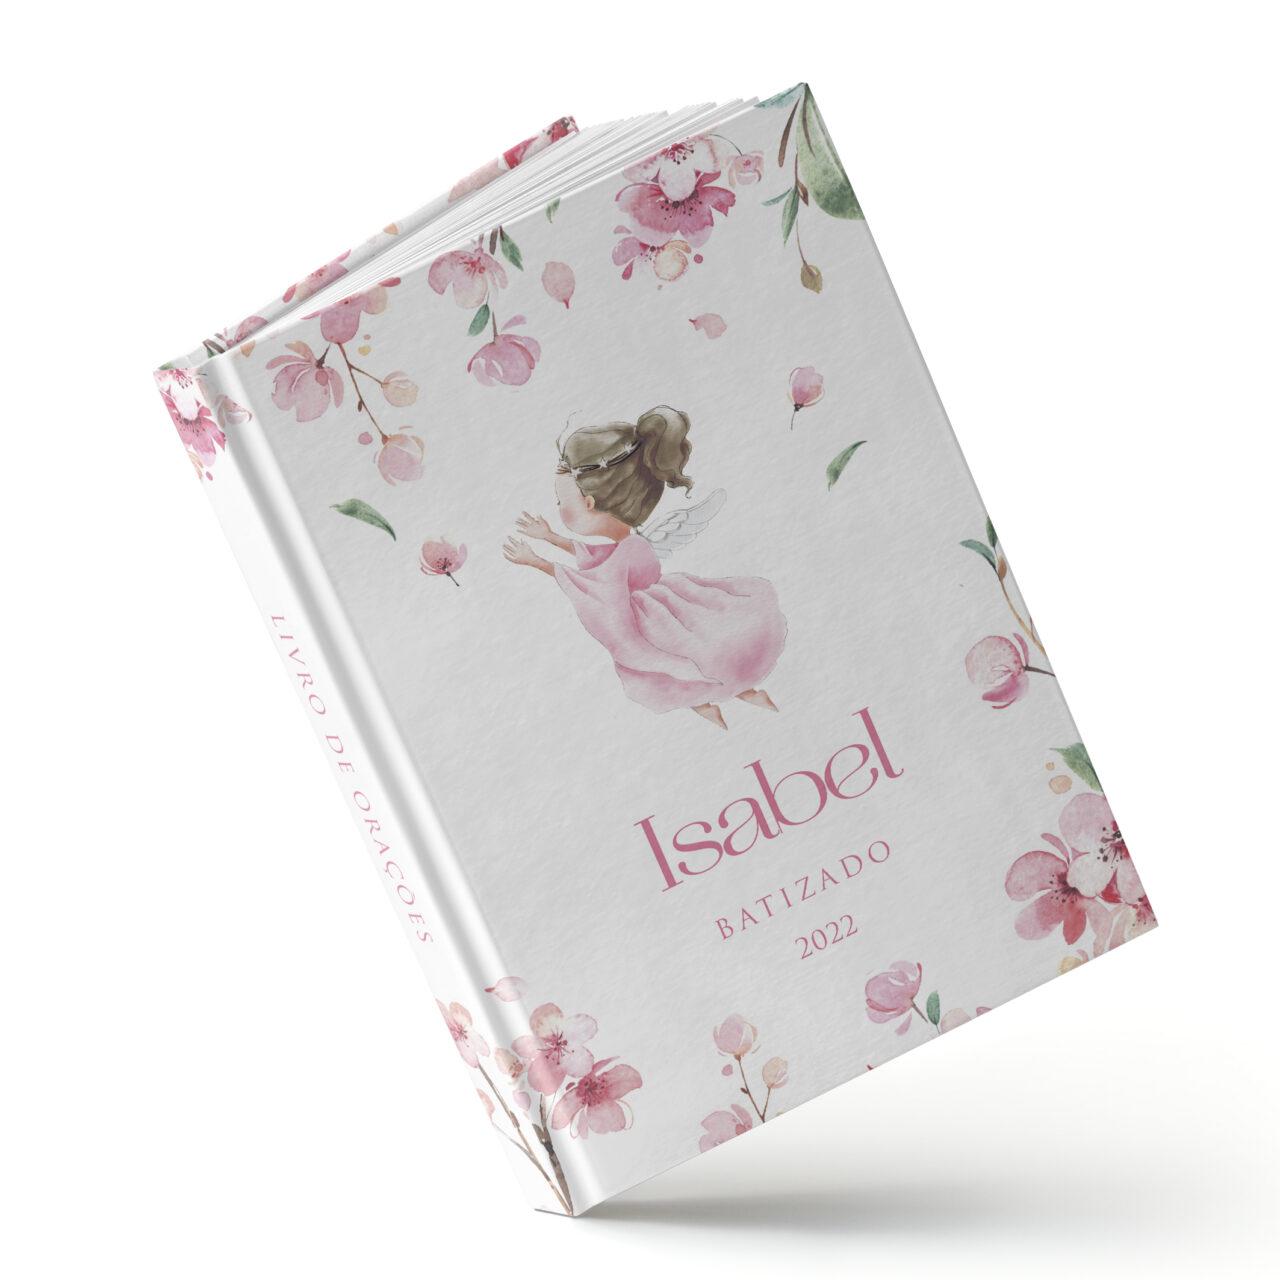 Sweetcards- Cerejeira - Livro de oração